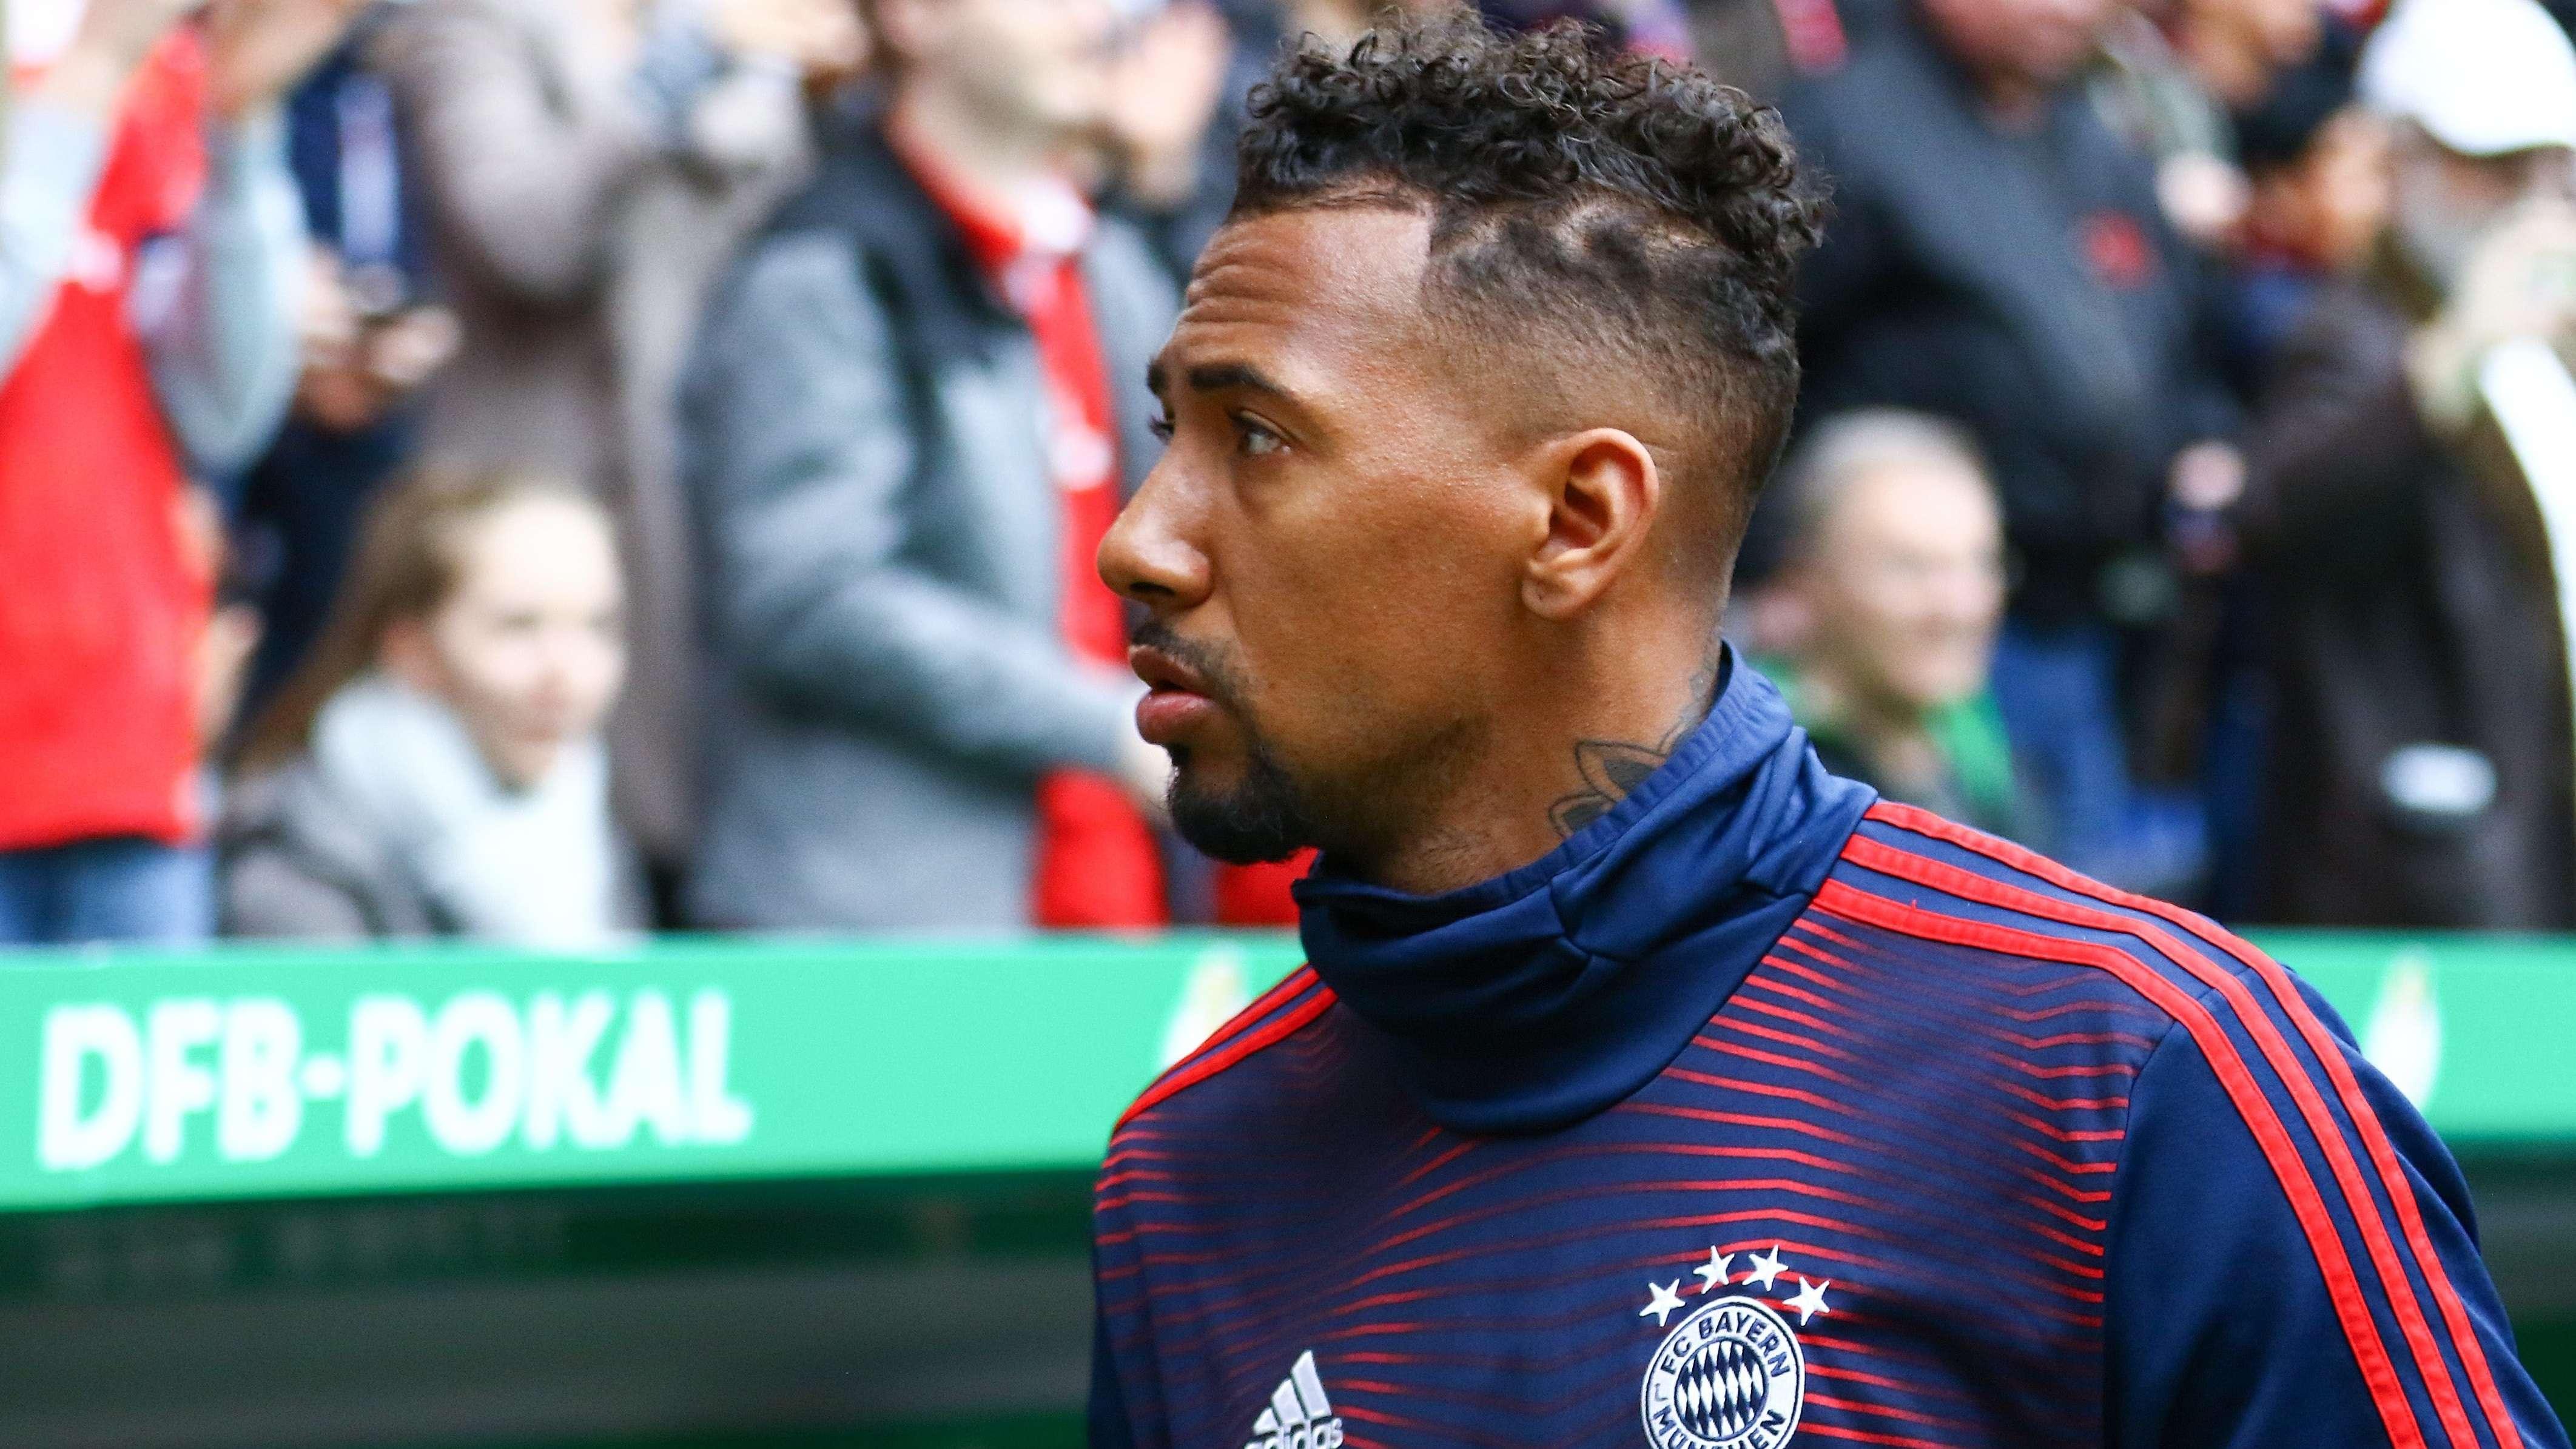 Bayern-Spieler Jerome Boateng steht wegen einer Party in der Kritik.